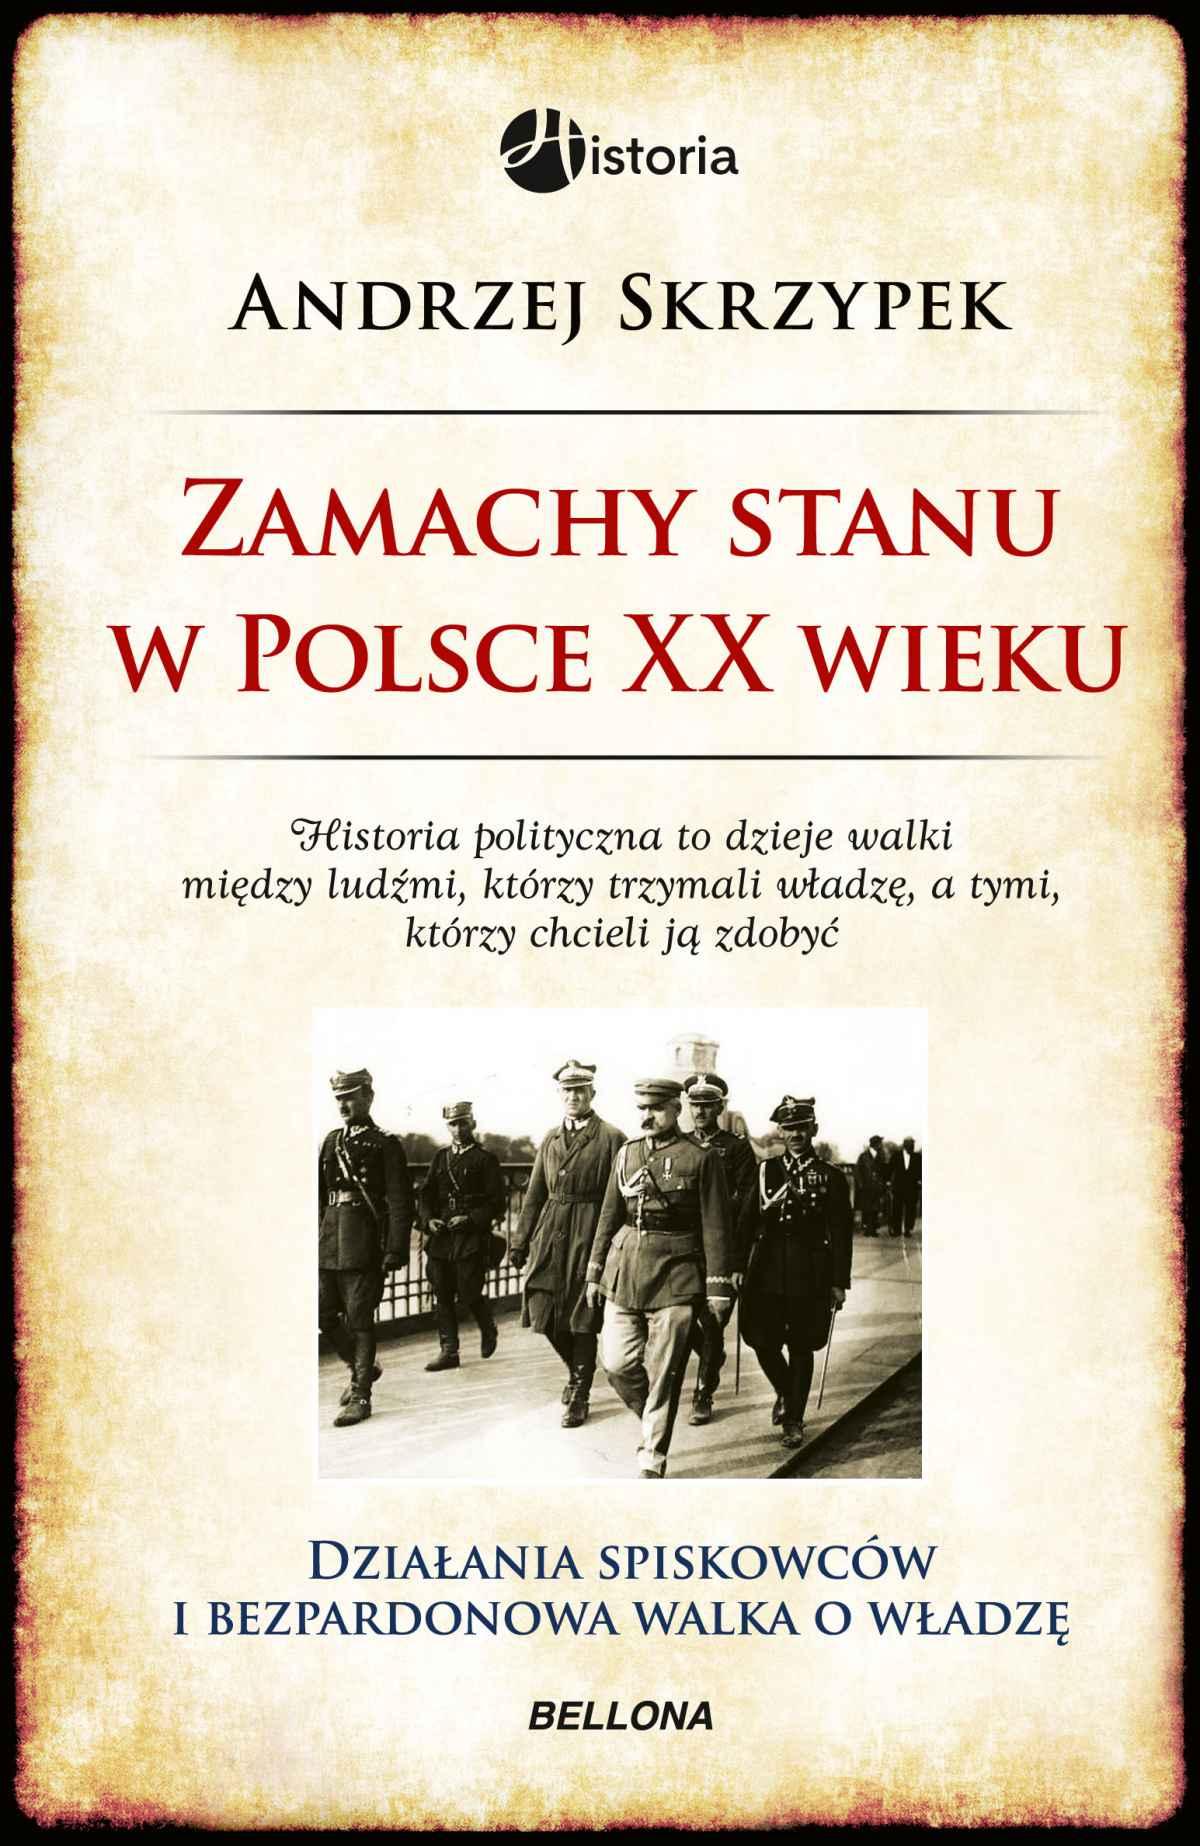 Zamachy stanu w Polsce w XX wieku - Ebook (Książka na Kindle) do pobrania w formacie MOBI